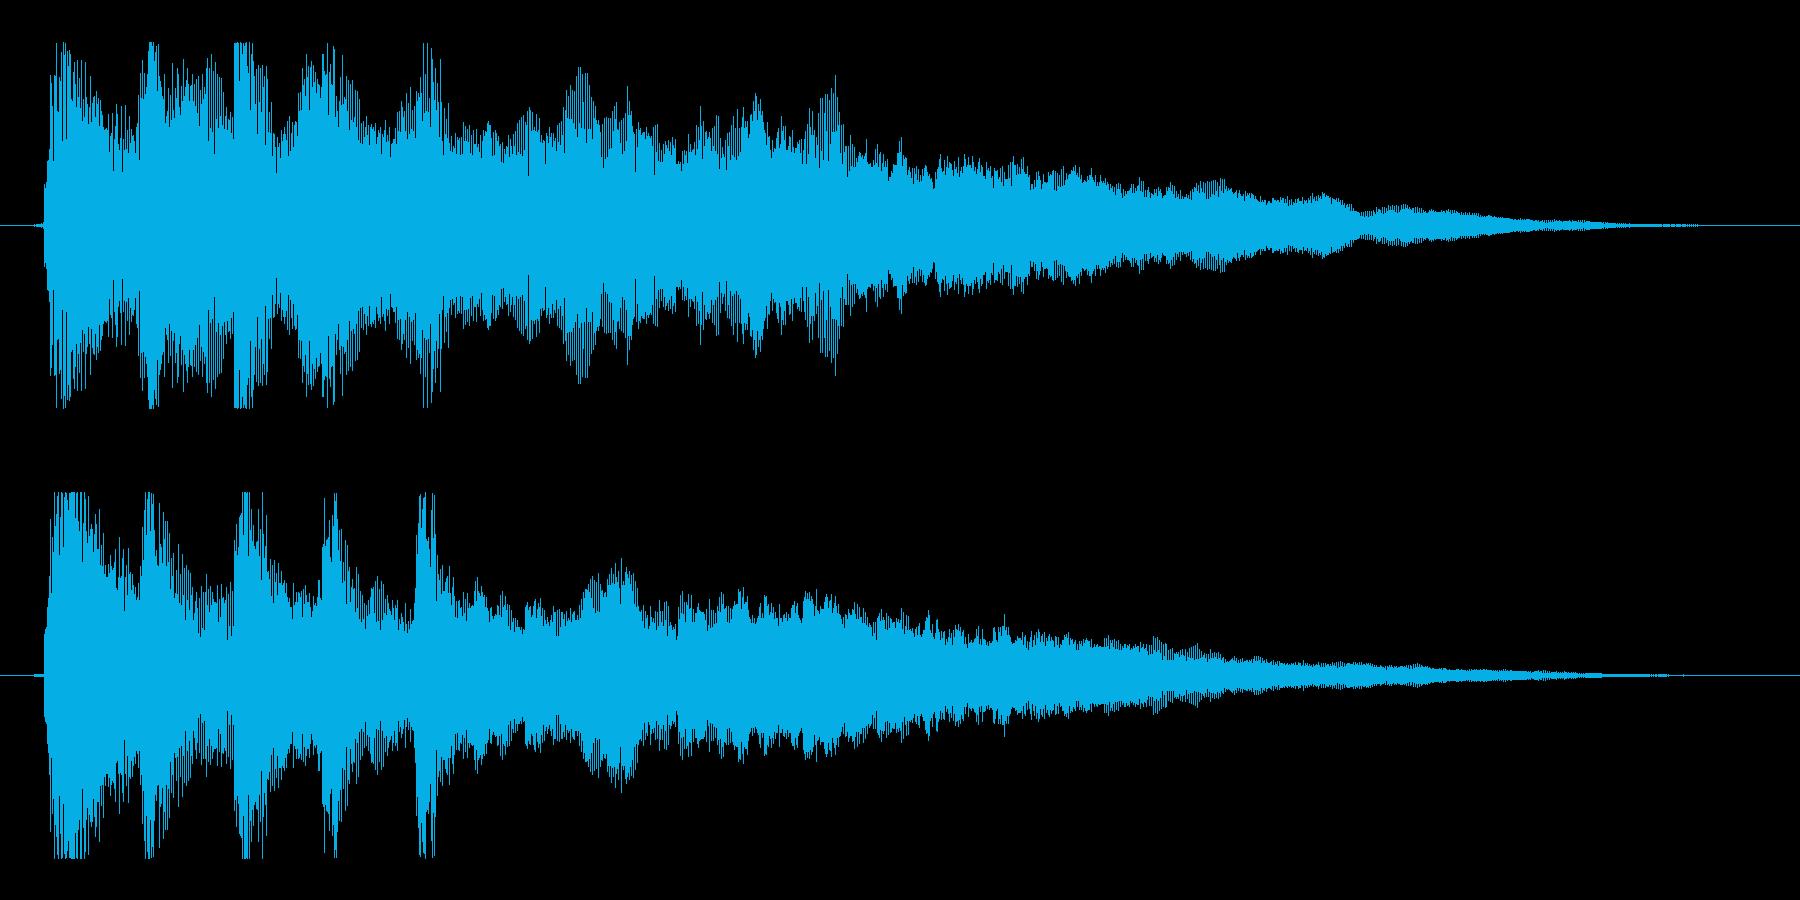 【響きのために1】の再生済みの波形